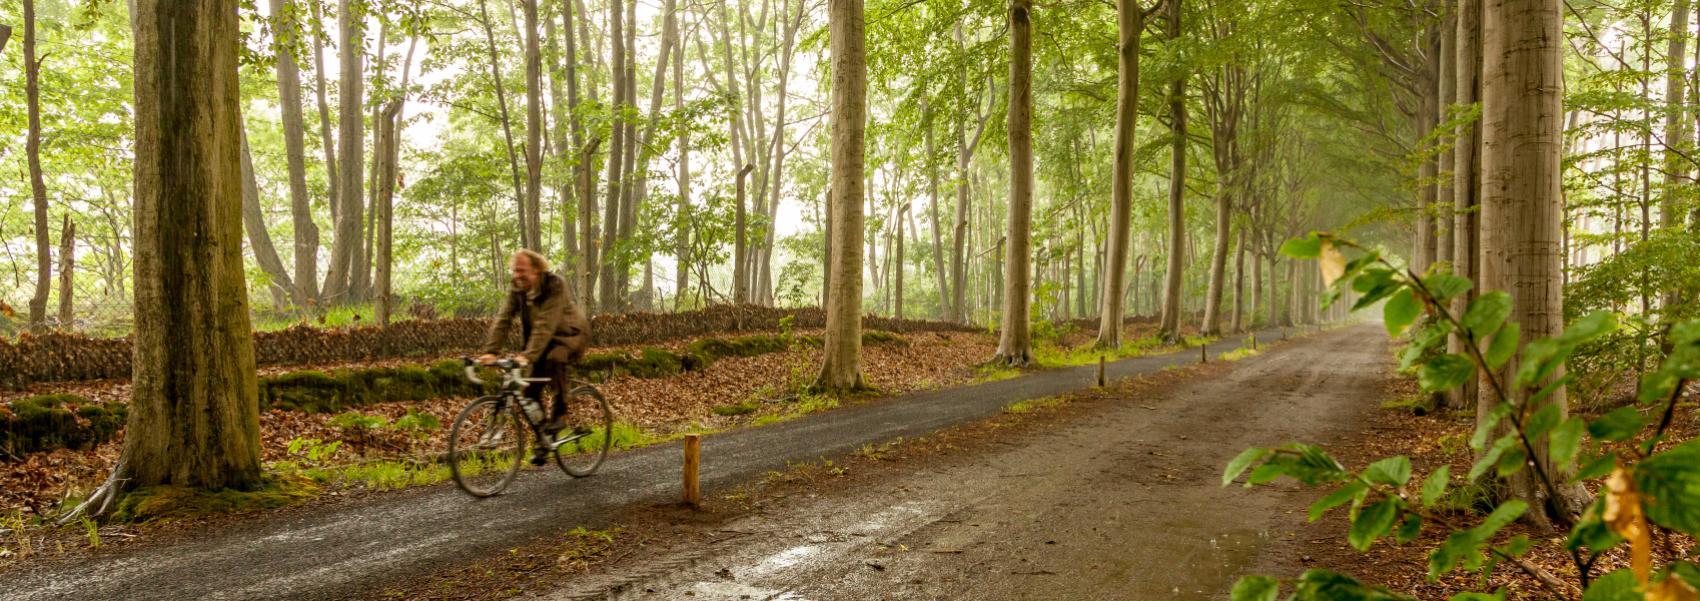 fietser in een modderige dreef